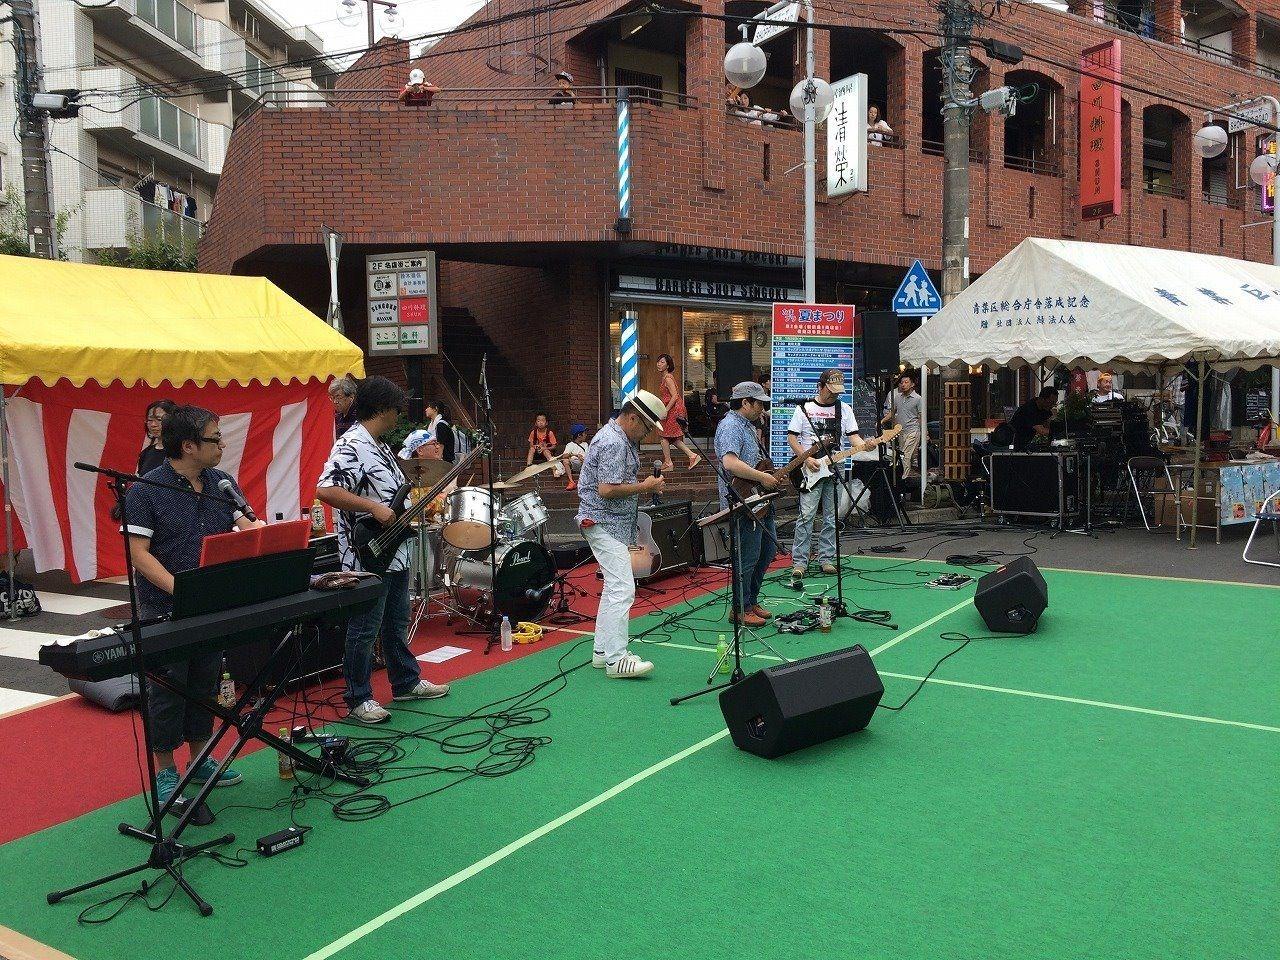 たまプラーザ夏まつりでのエコダディーズのバンド演奏